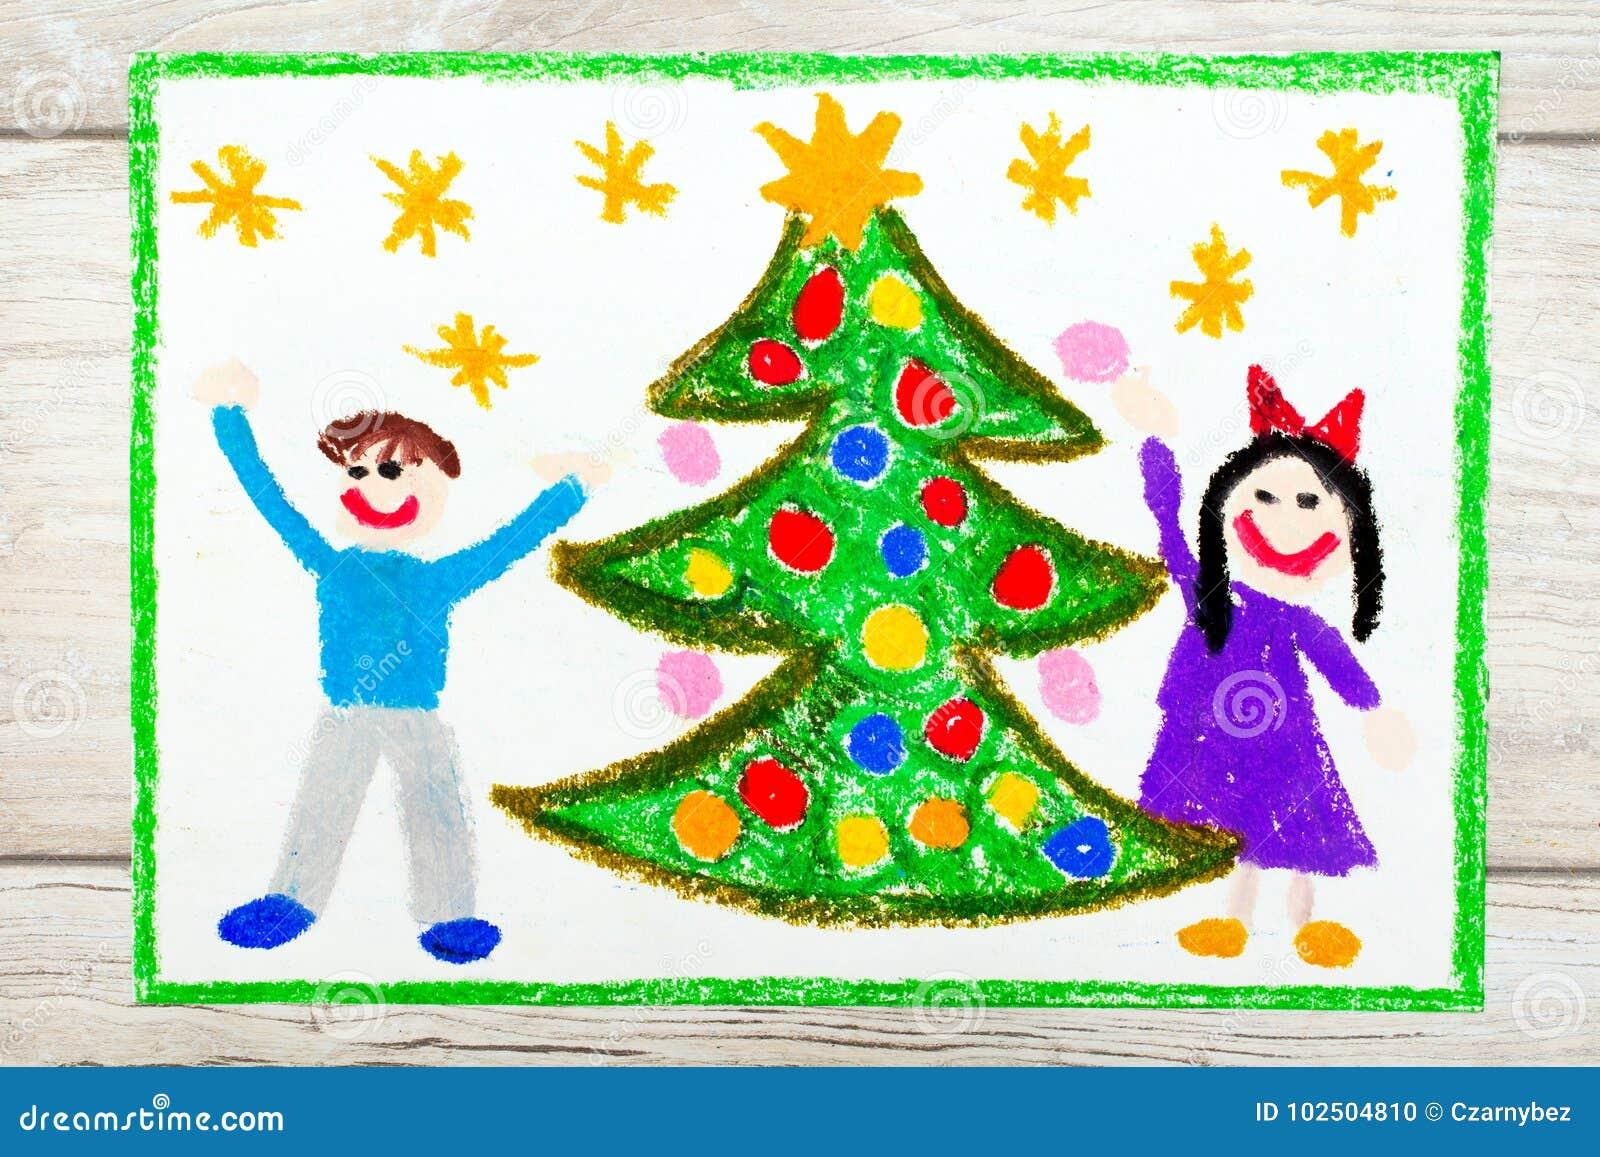 Zeichnen: Weihnachtsbaum des glücklichen Paars und